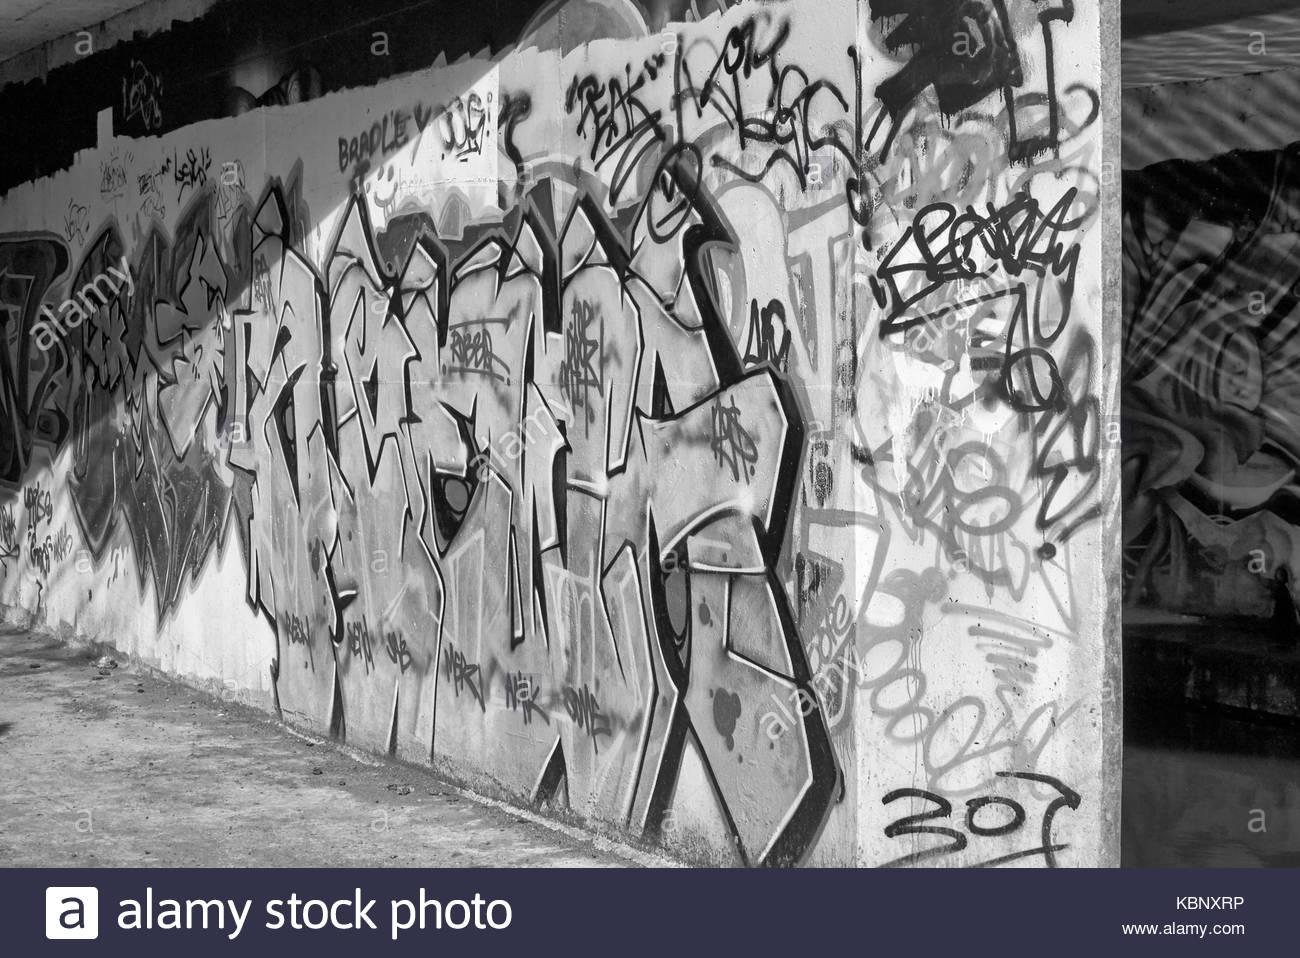 An underpass wall covered in graffiti street art uk